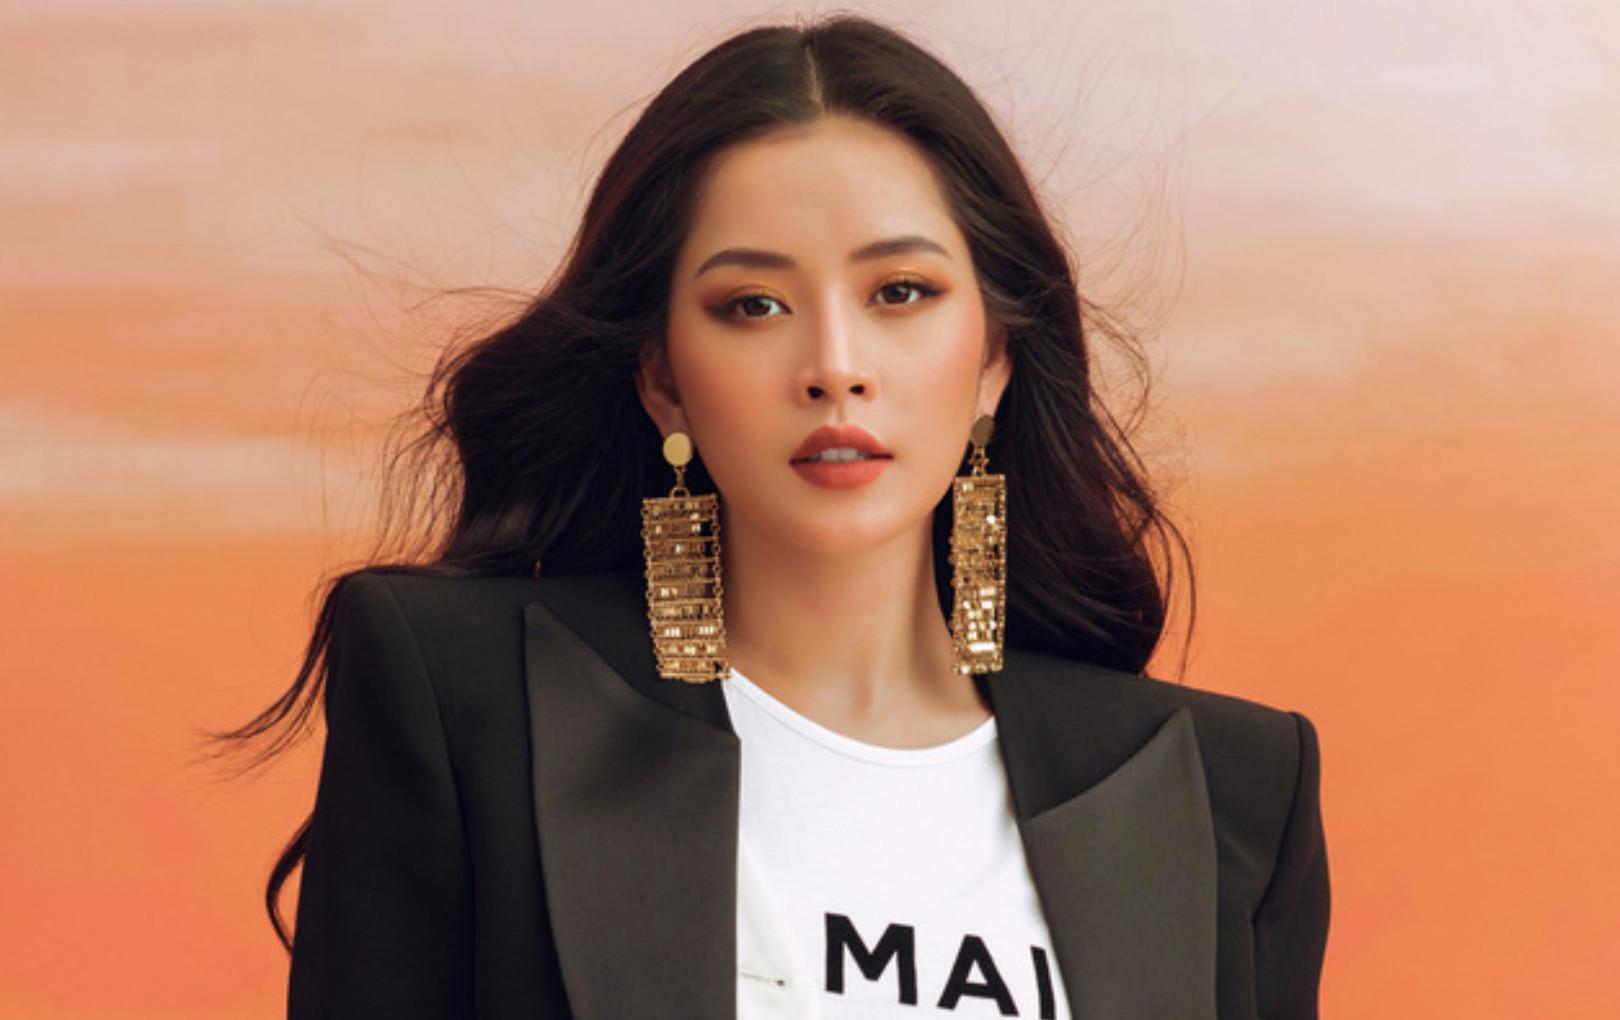 Forbes công bố Chi Pu lọt top 100 ngôi sao có sức ảnh hưởng nhất châu Á liền bị netizen mỉa mai